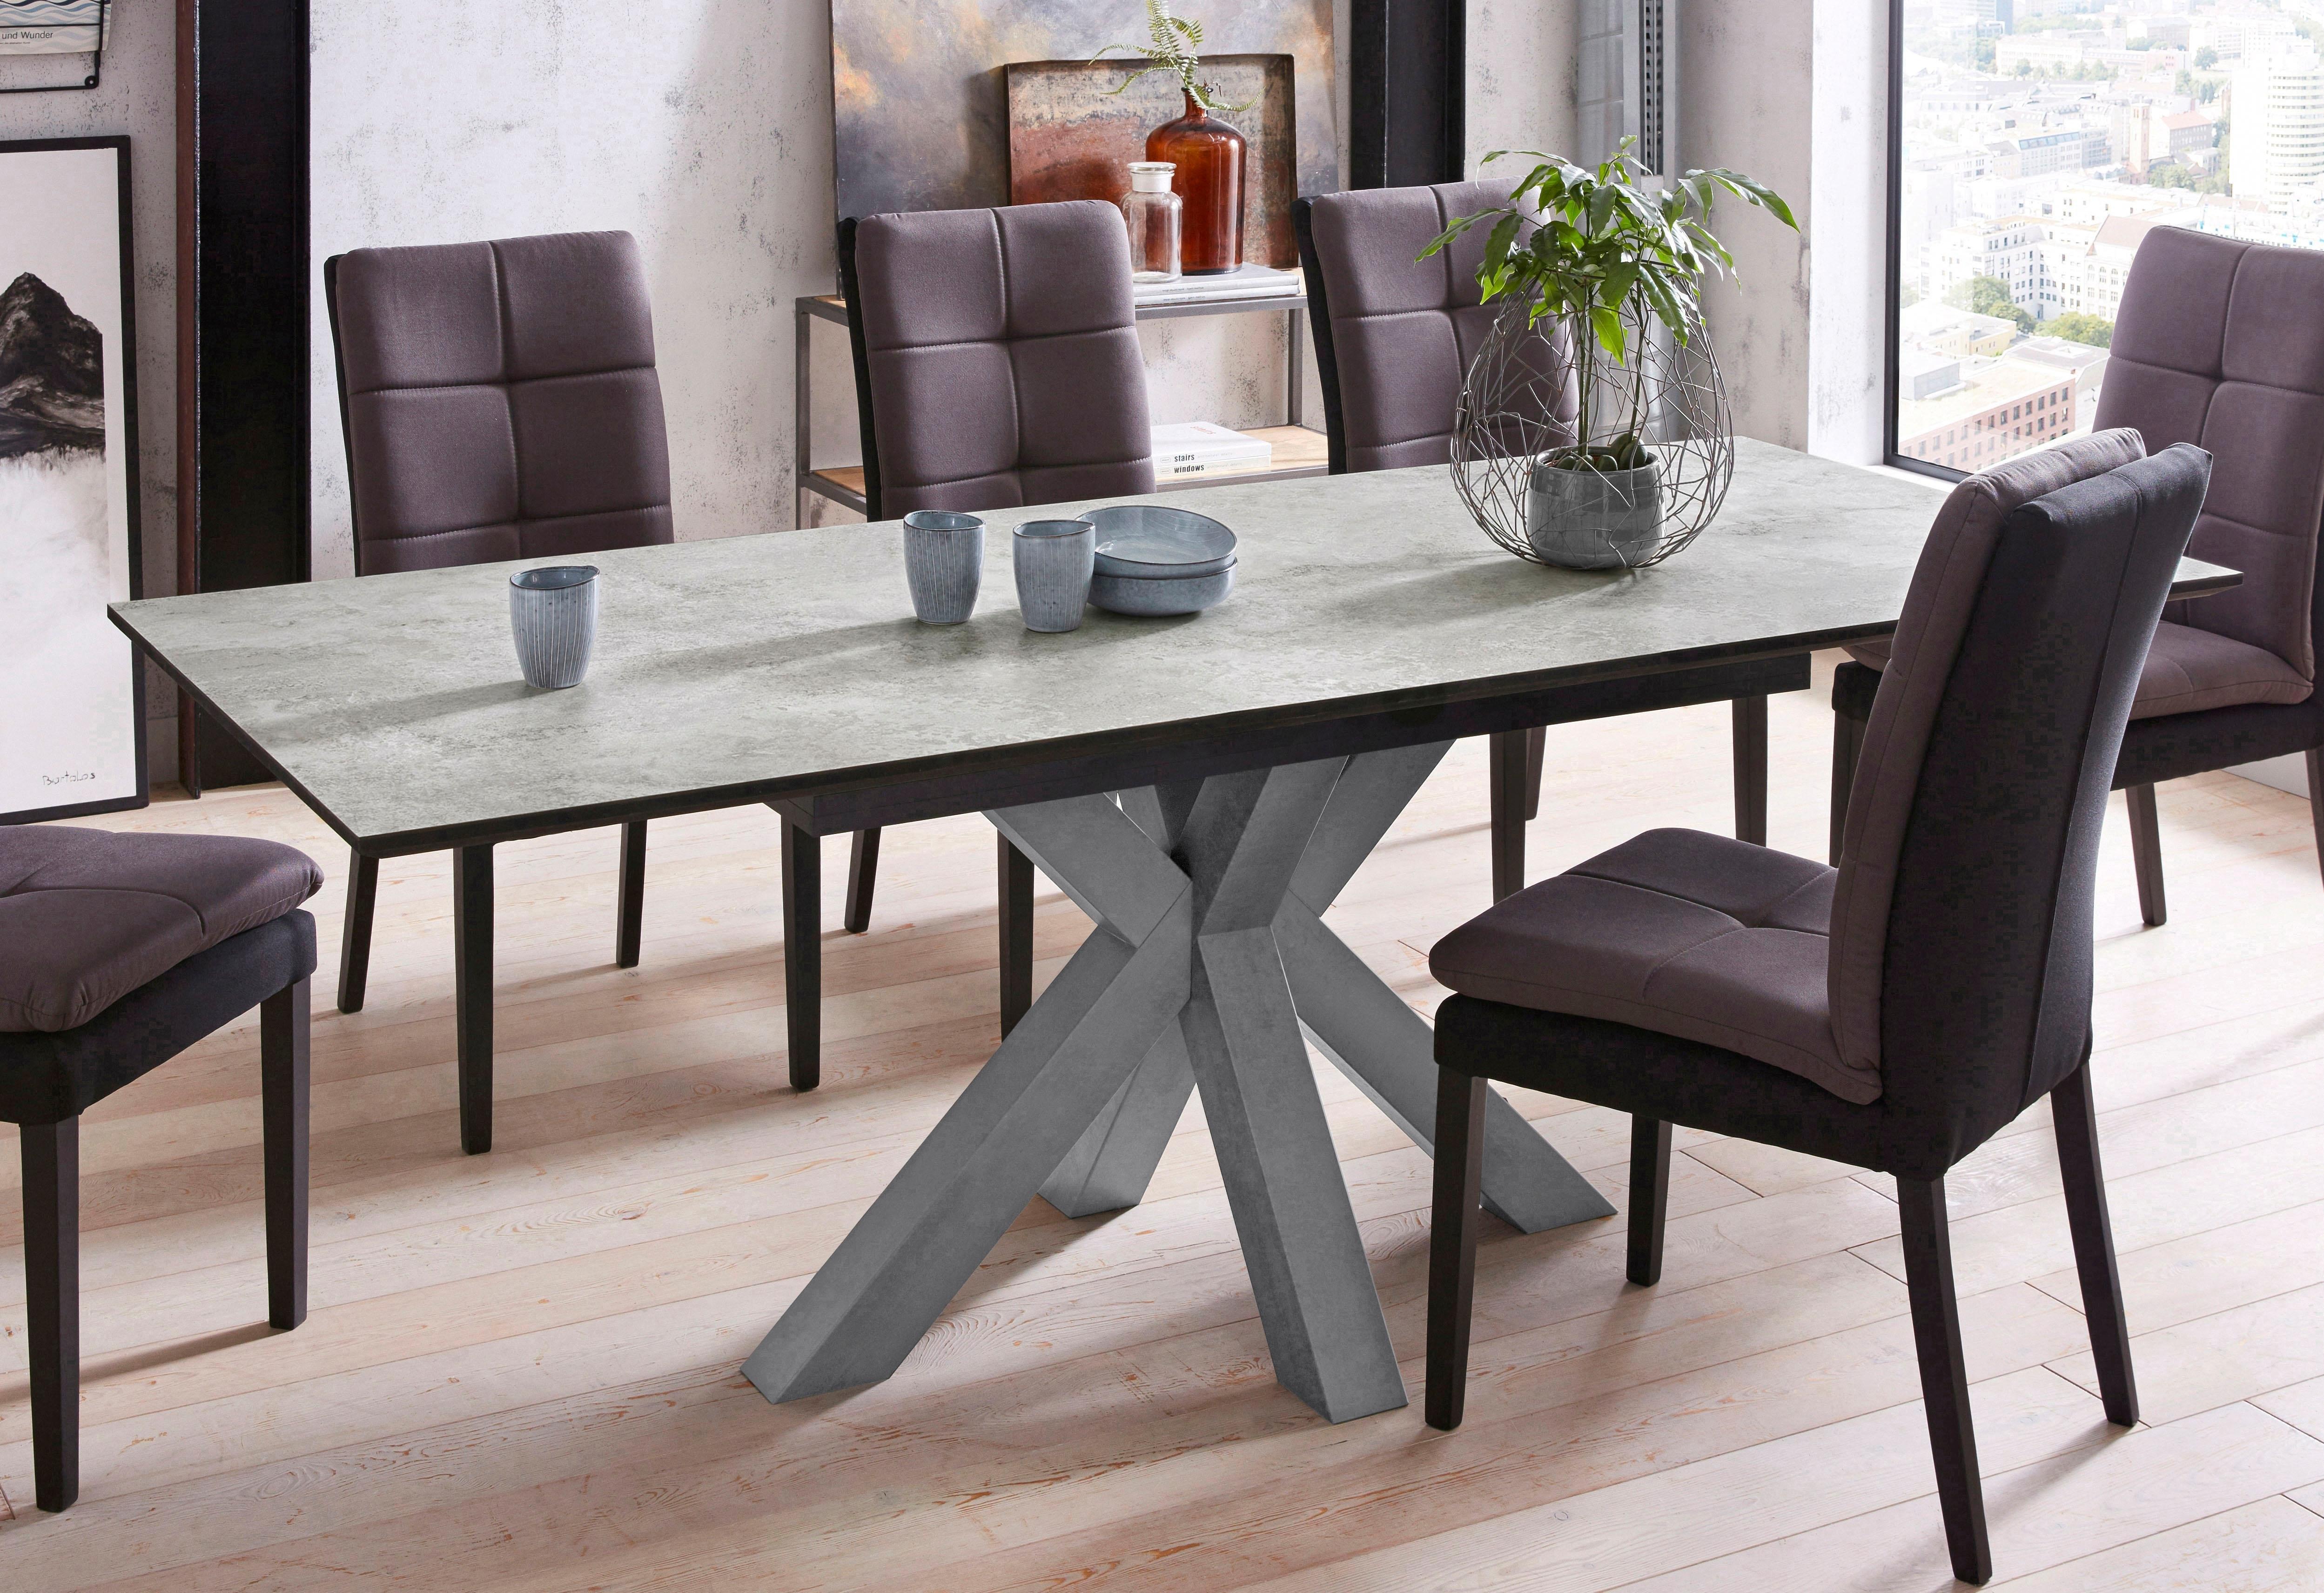 Eettafel, breedte 180 cm goedkoop op otto.nl kopen